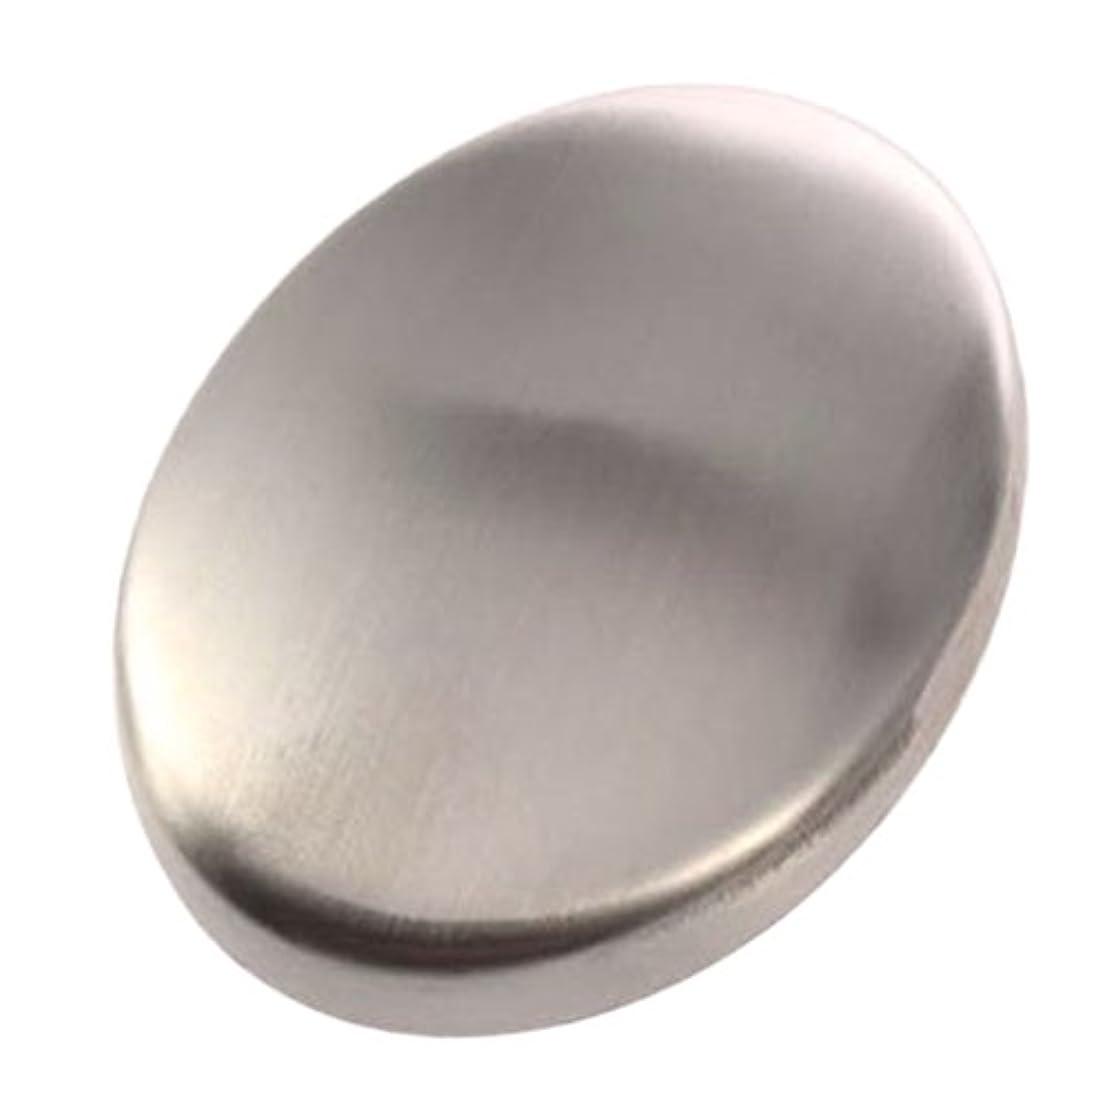 破壊的なバルブ影のあるZafina ステンレスソープ 円形 においとりソープ 臭い取り ステンレス石鹸